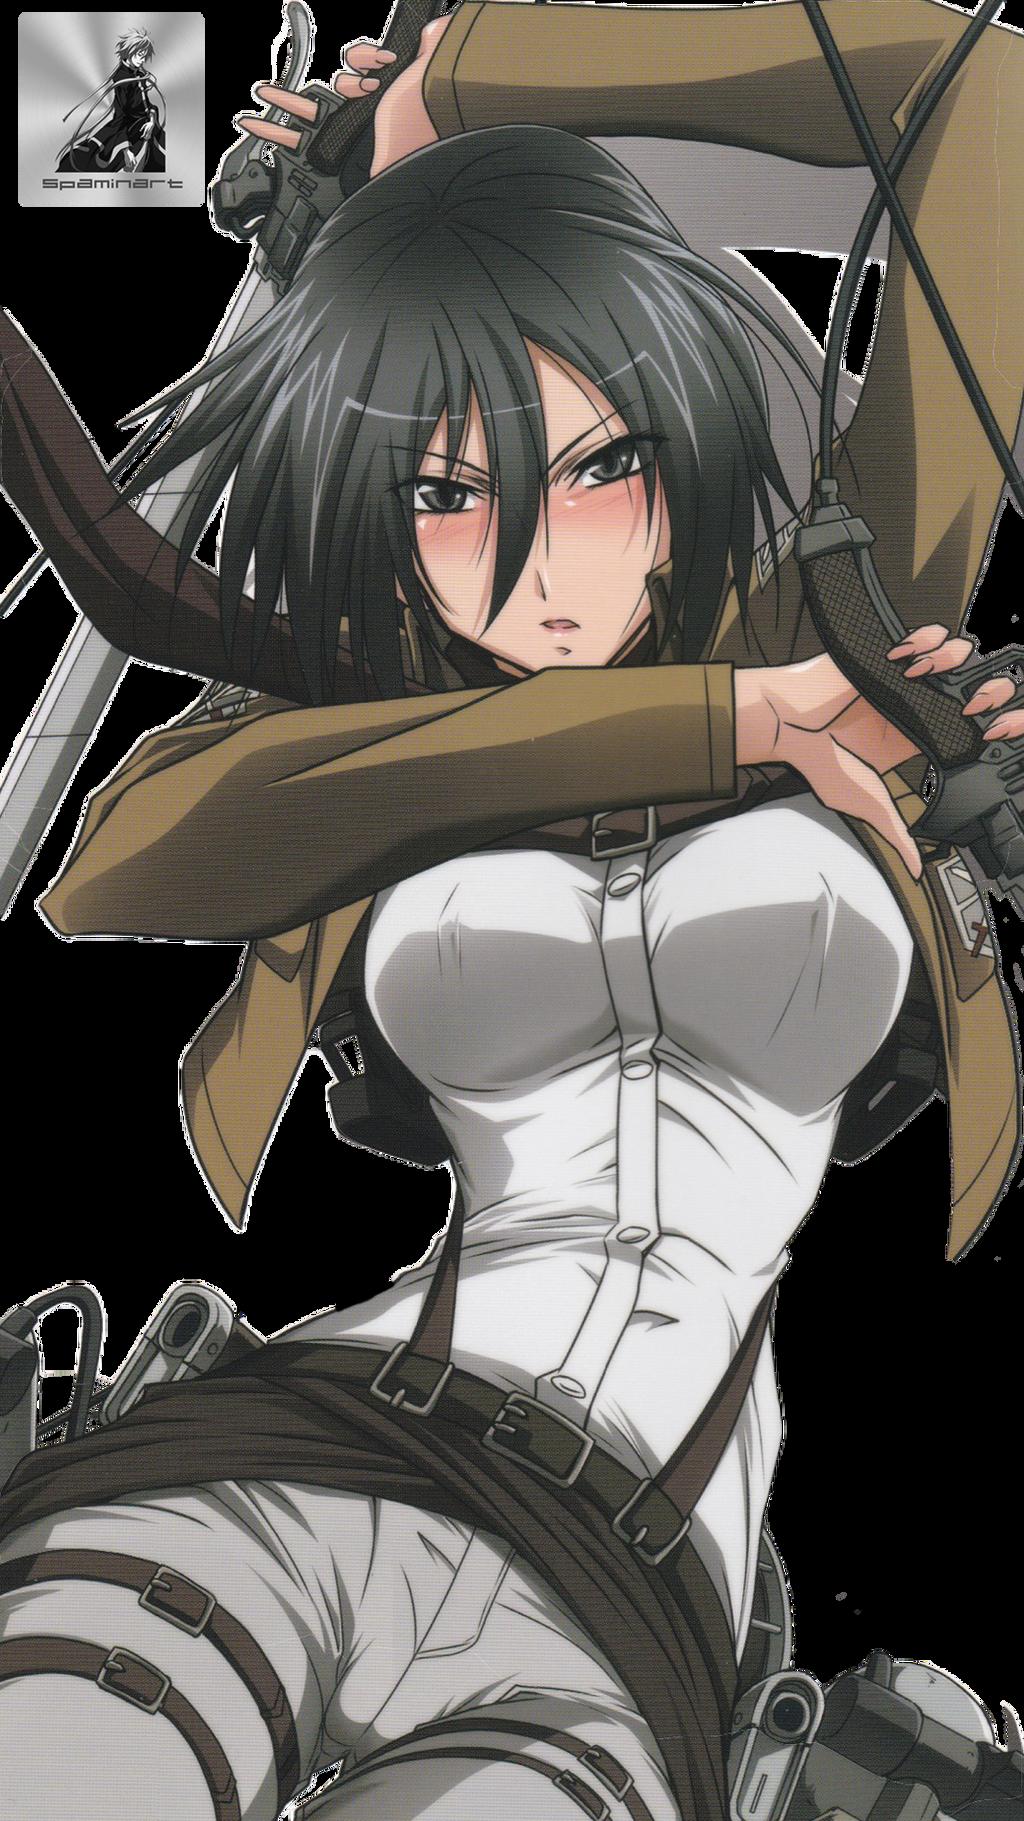 Shingeki no Kyojin Mikasa Ackerman HD Render